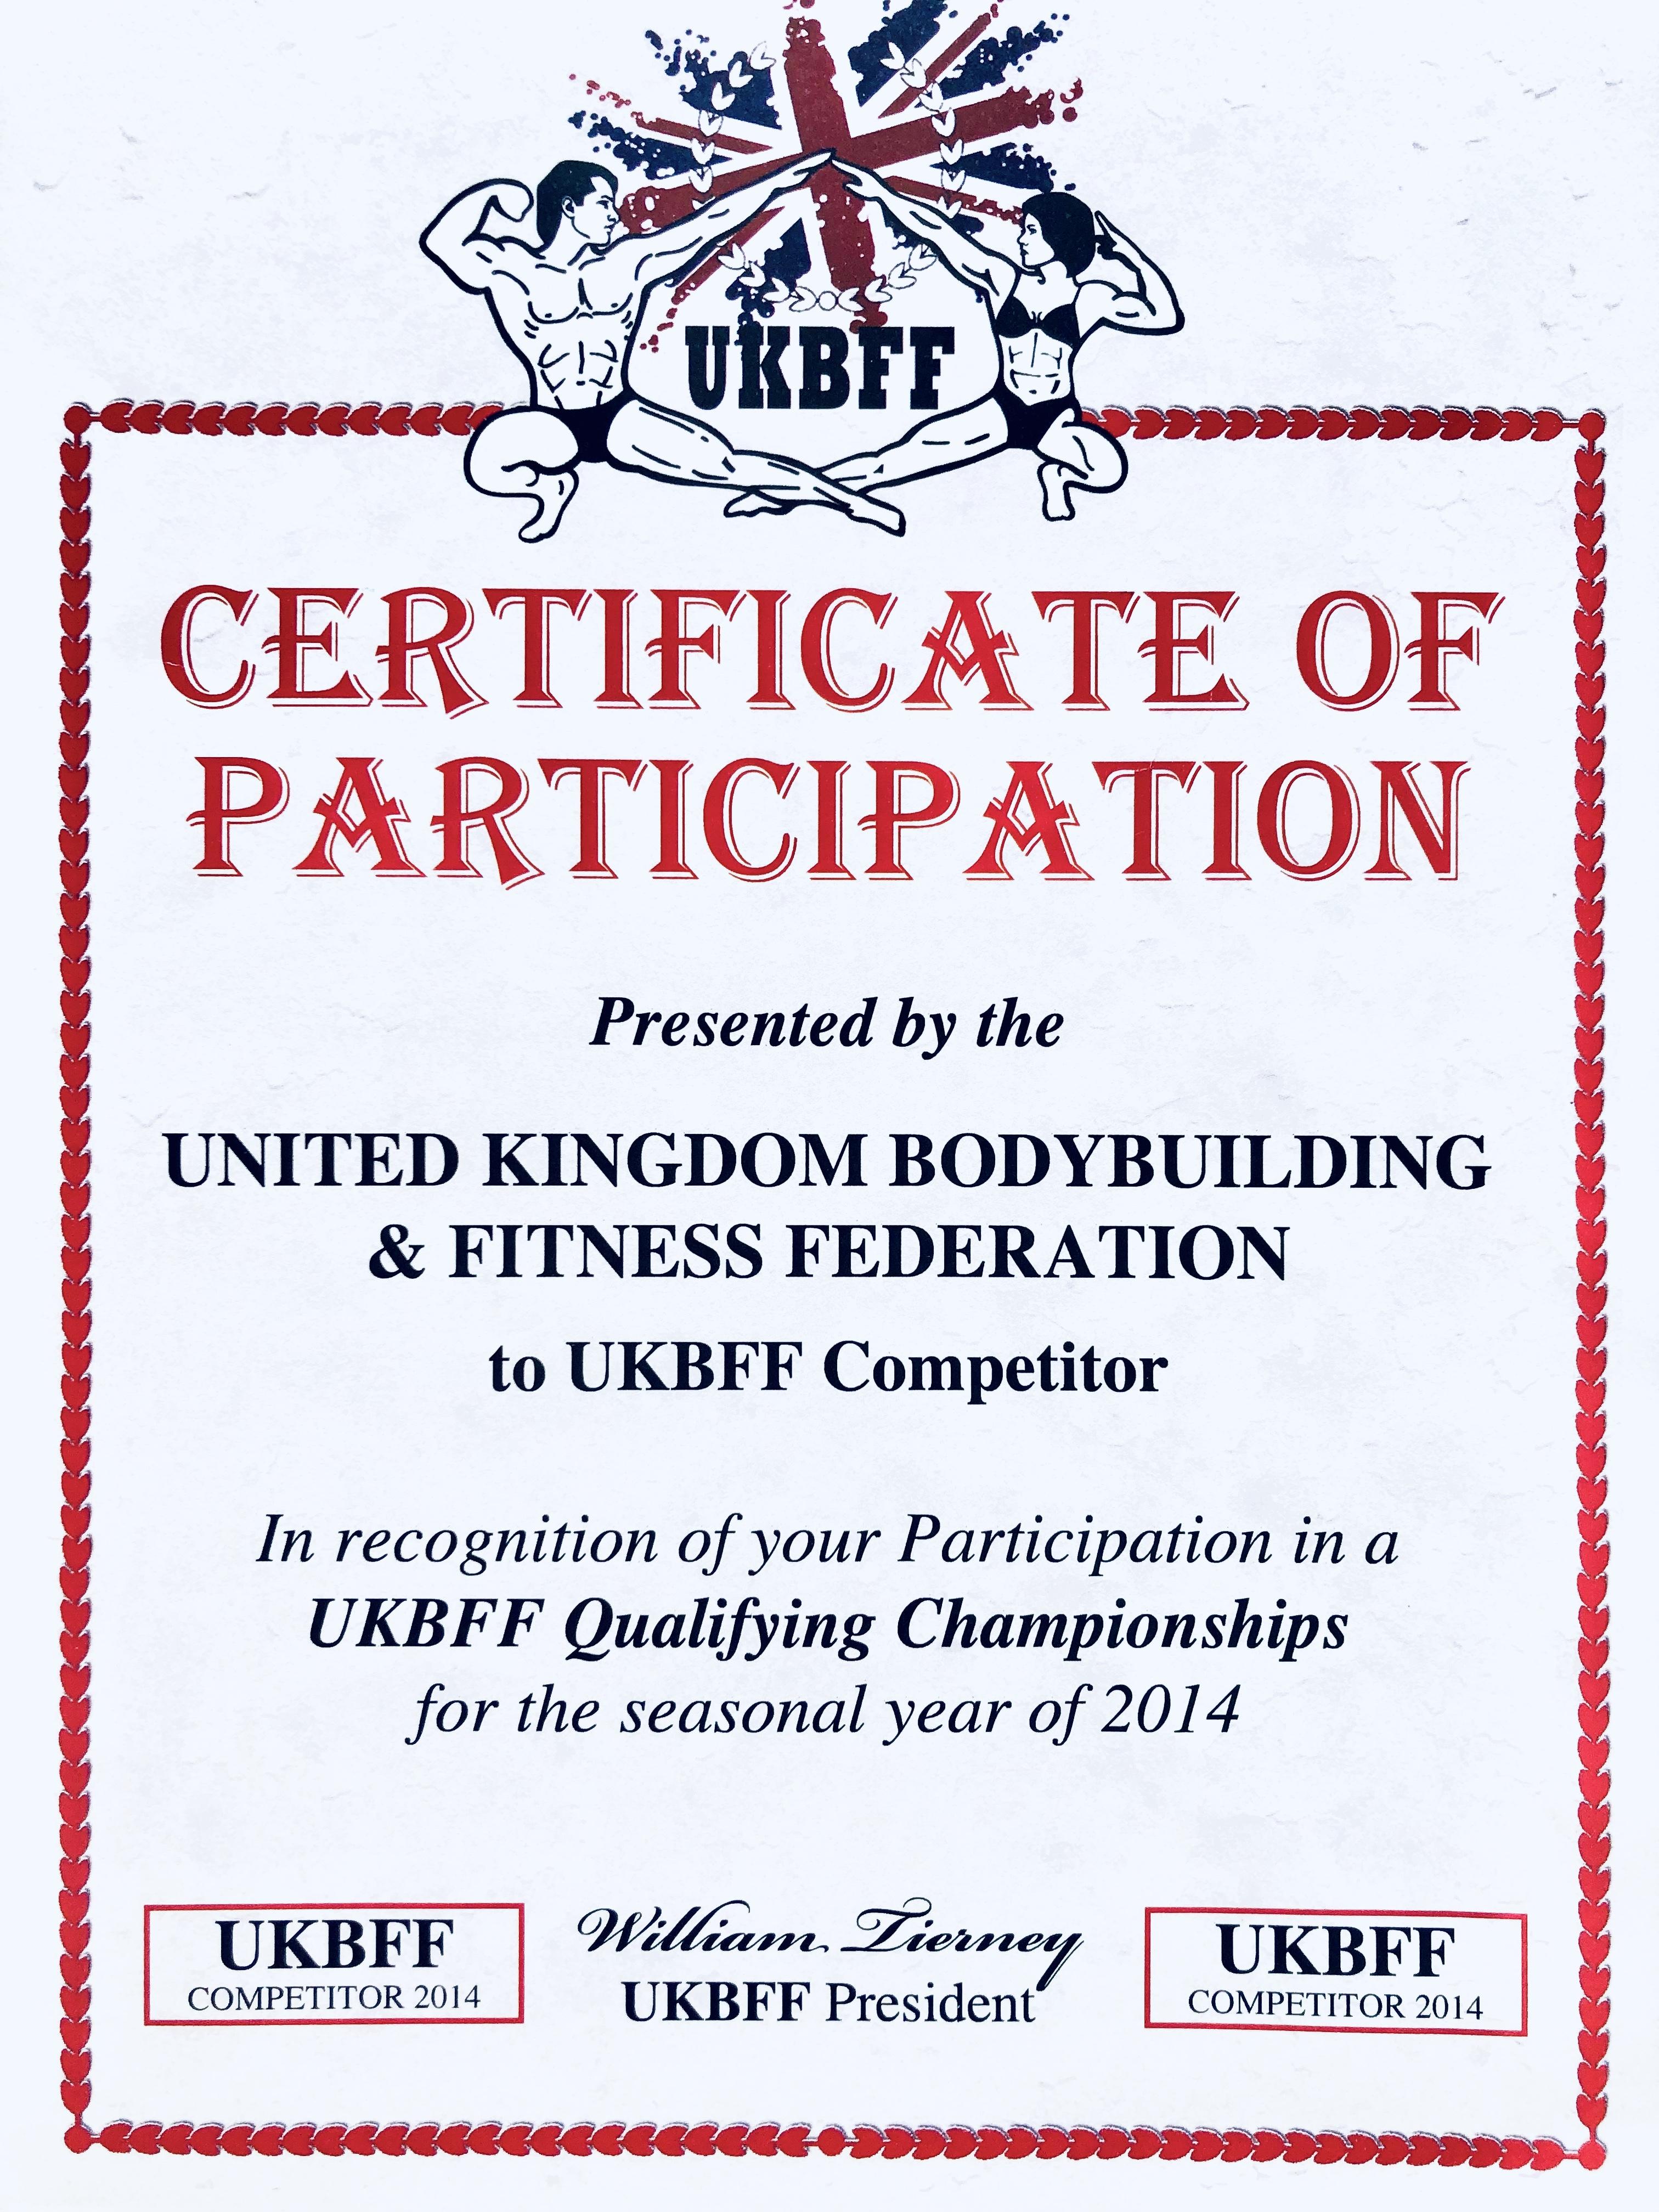 ukbff certificate.JPG